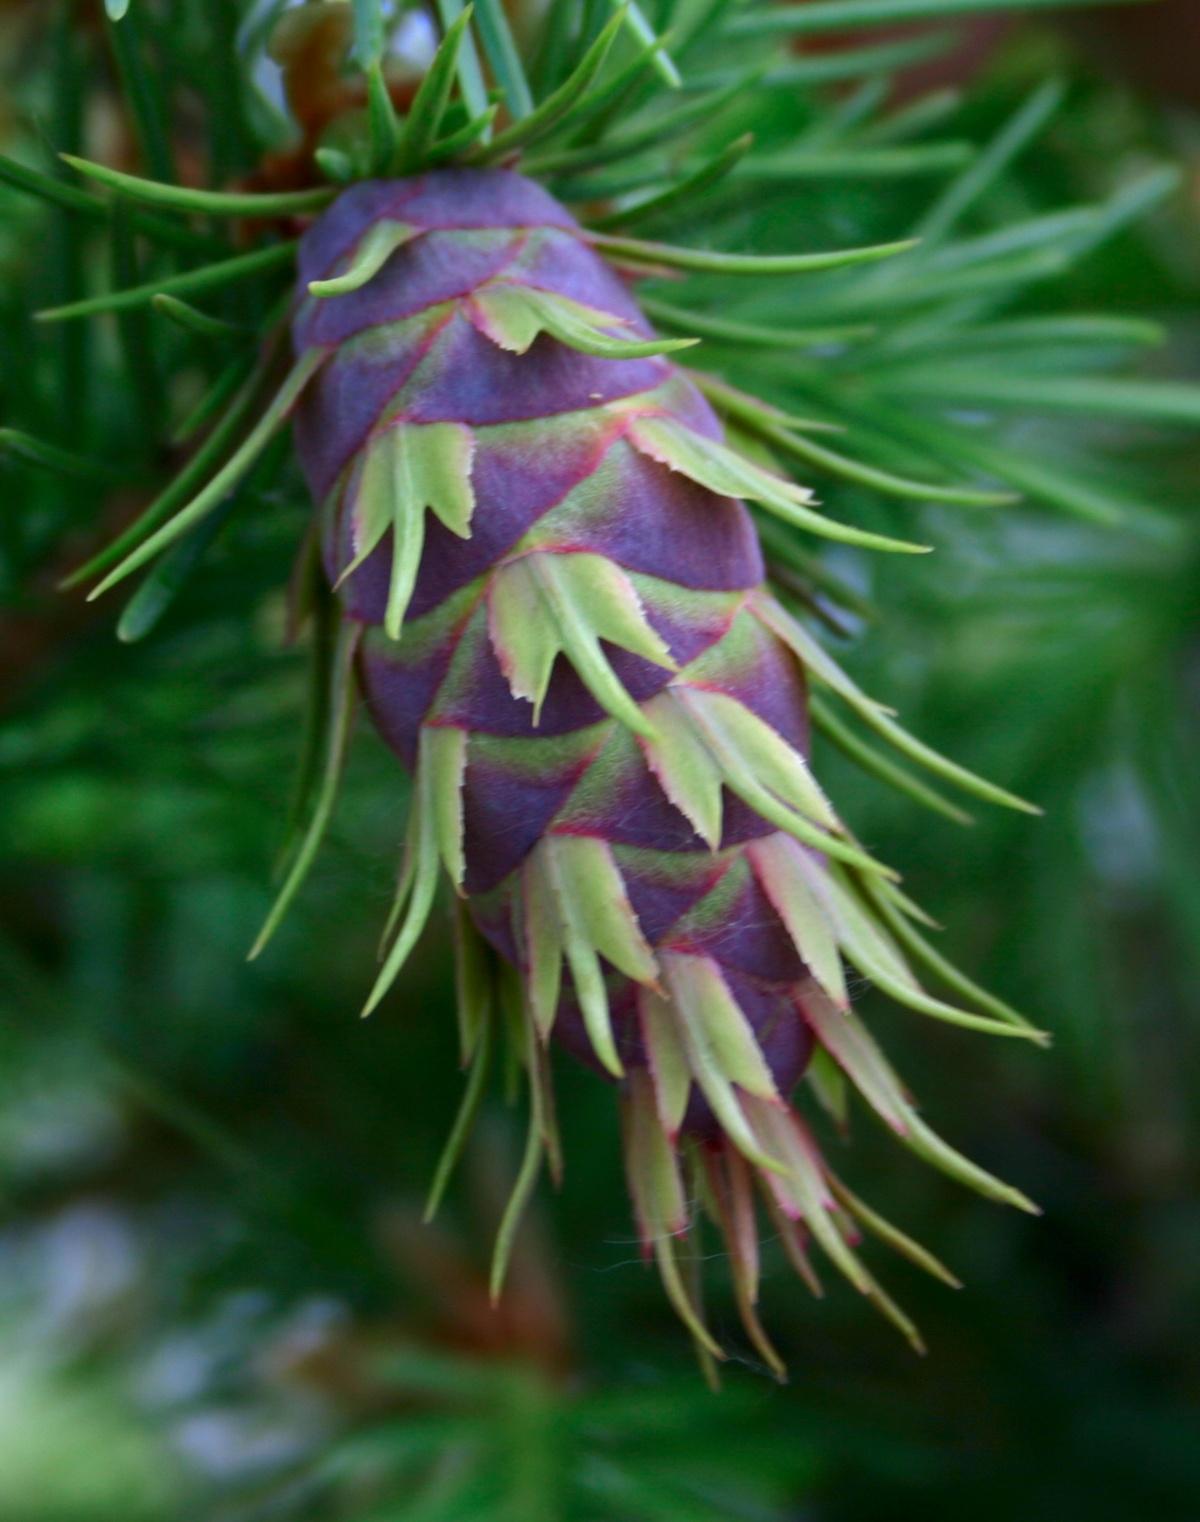 Пихта одноцветная Violaceae соответствует голландской тенденции садового дизайна